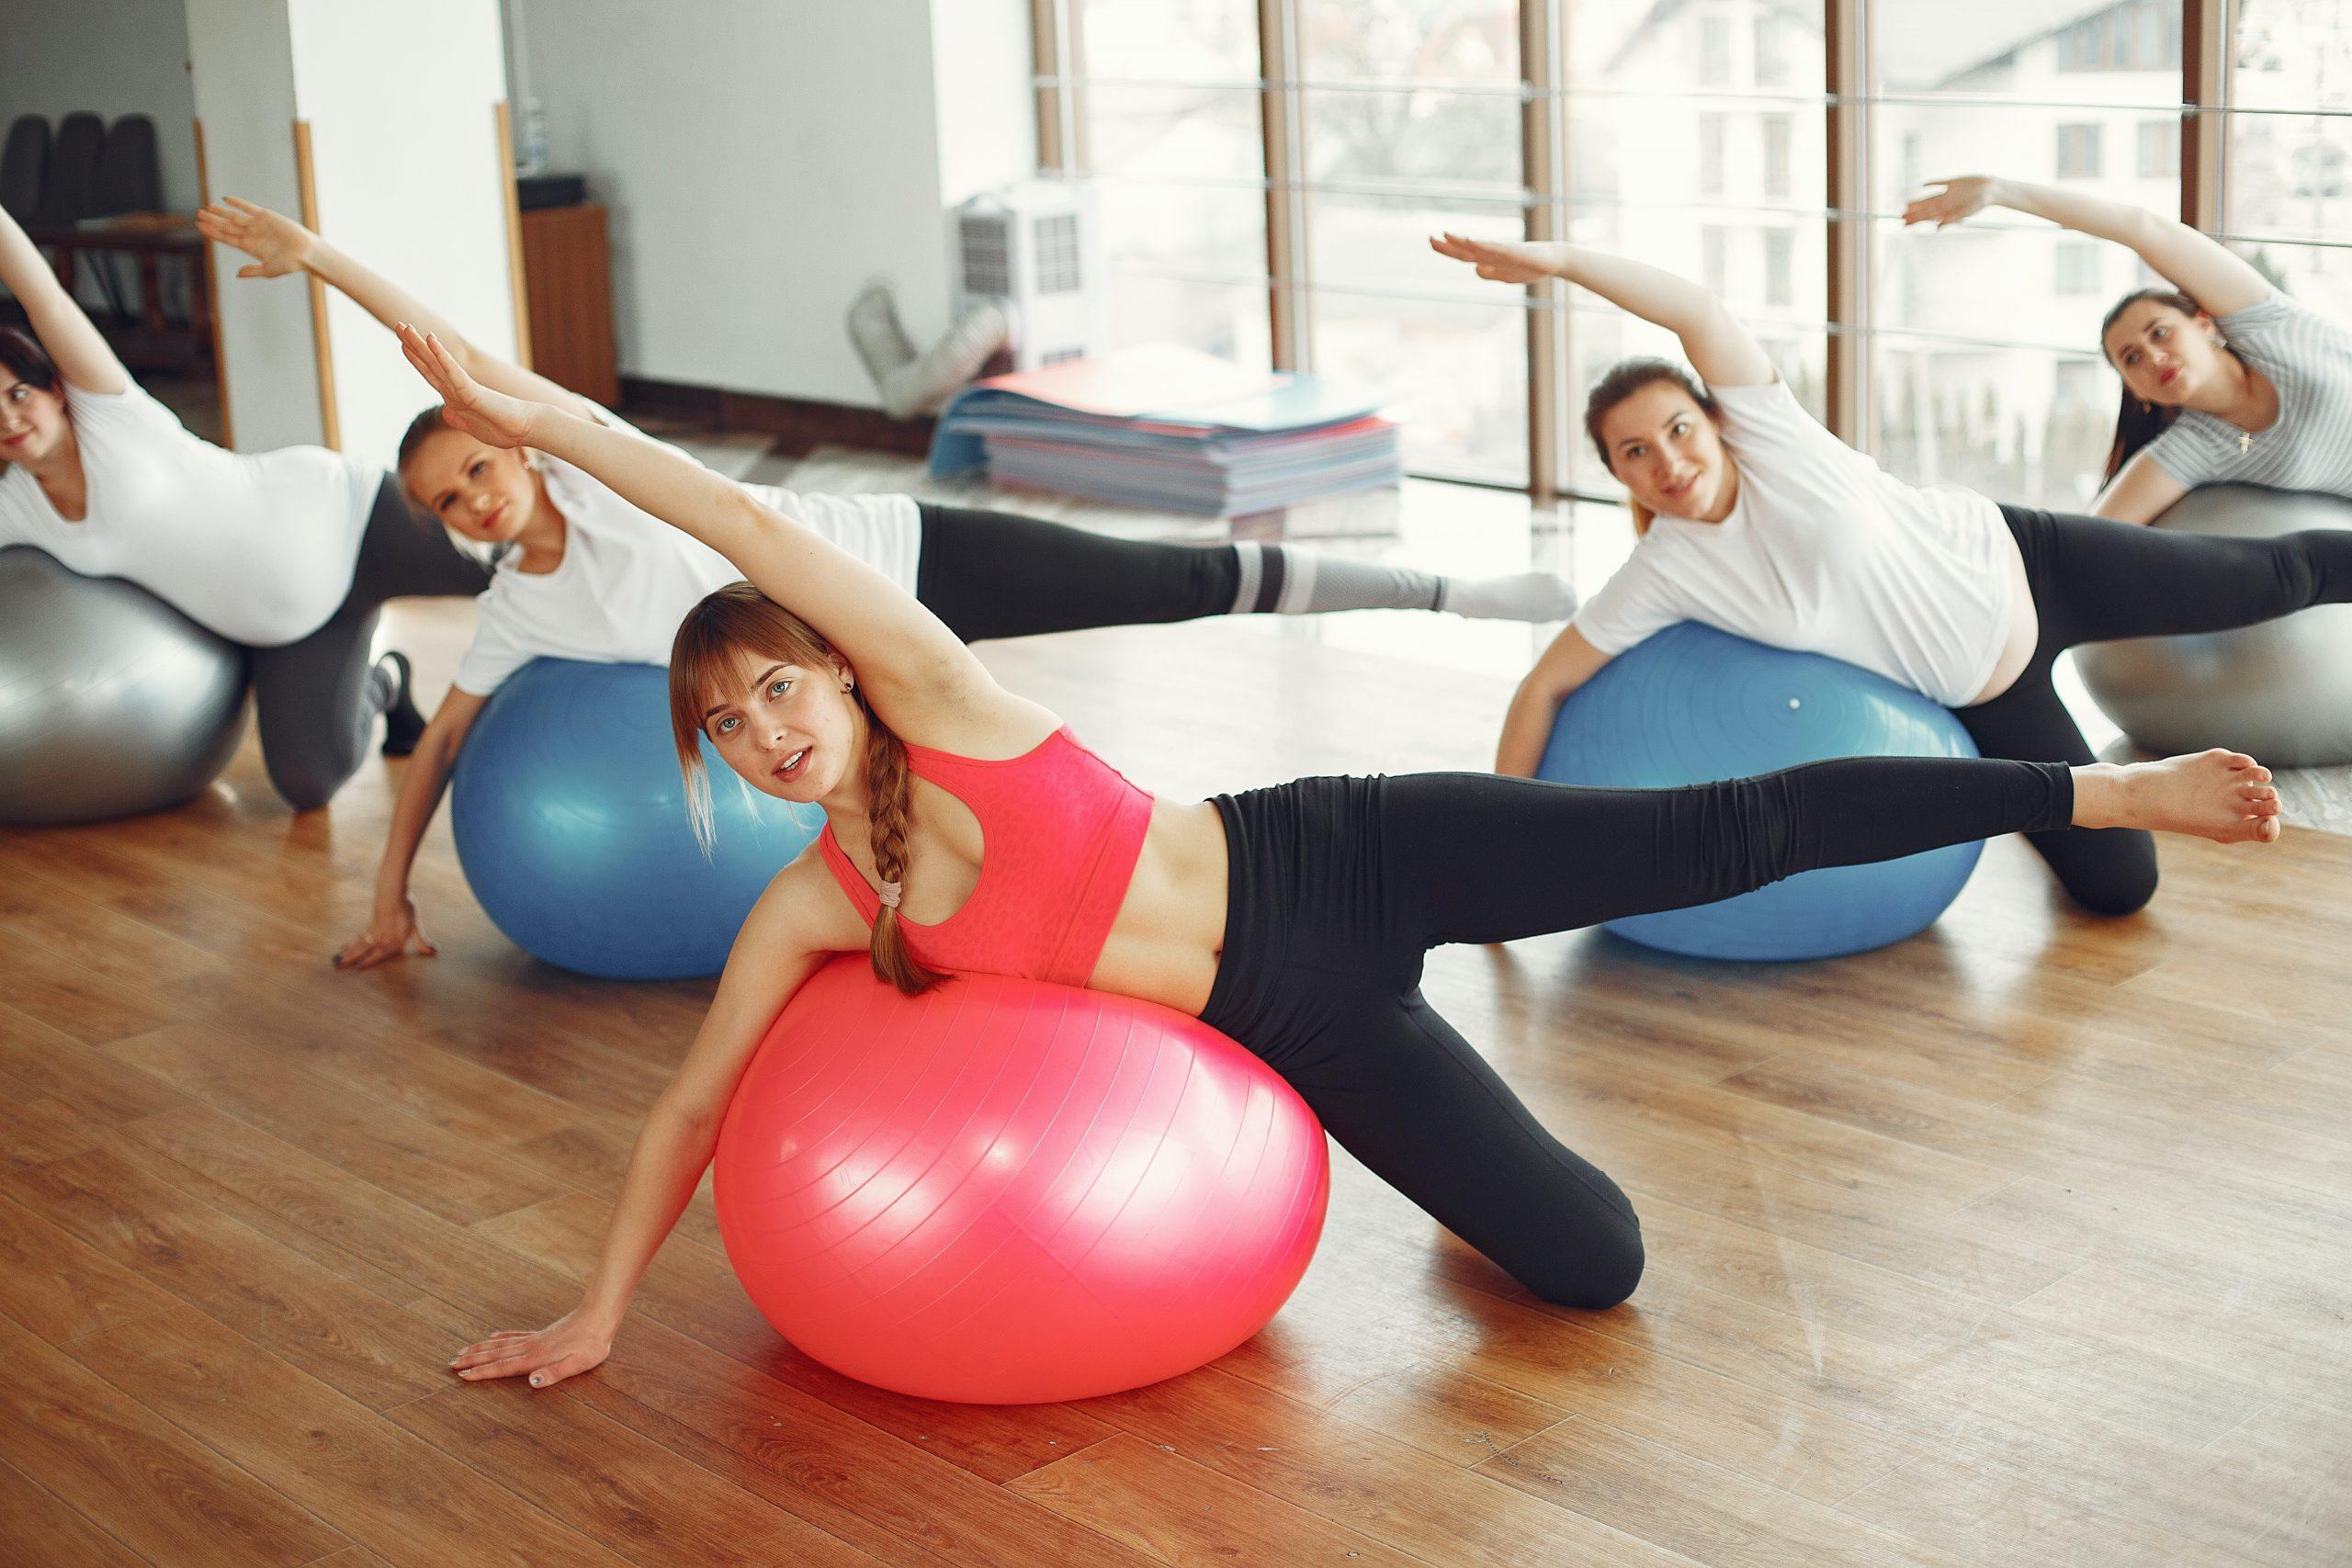 Imagem de gestantes em uma aula de pilates.